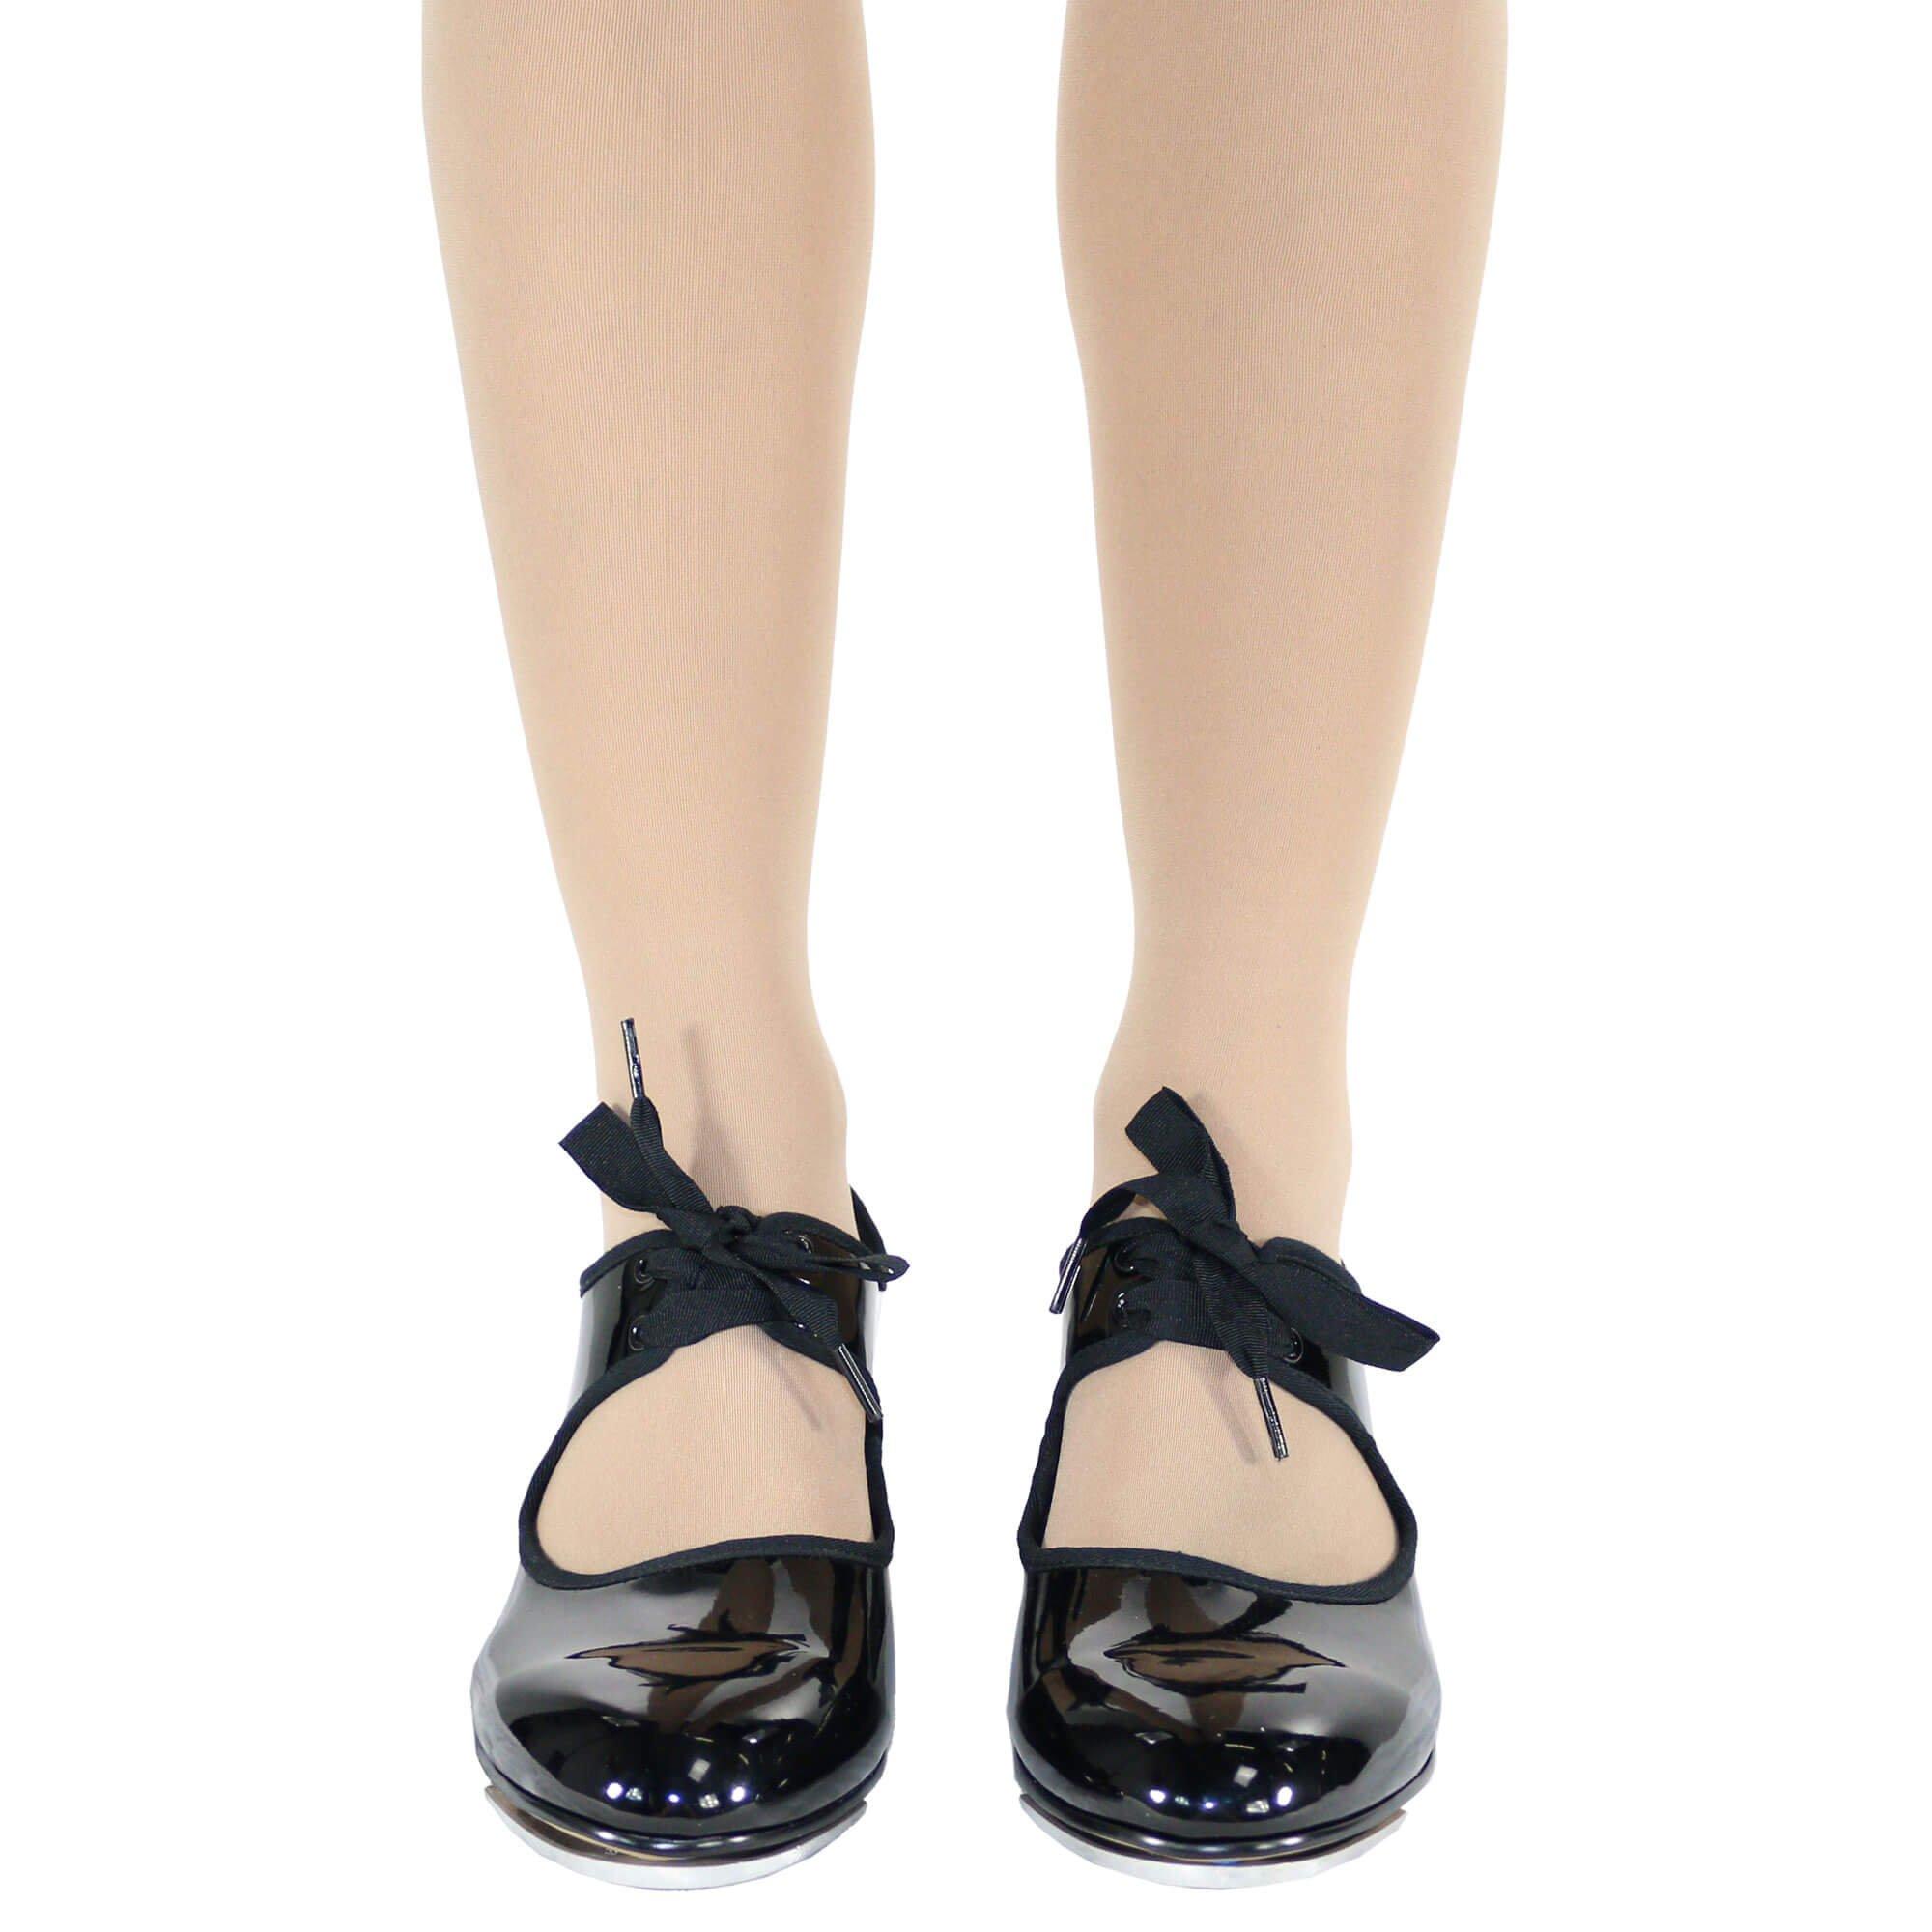 Danzcue Child Patent Flexible Tap Shoes